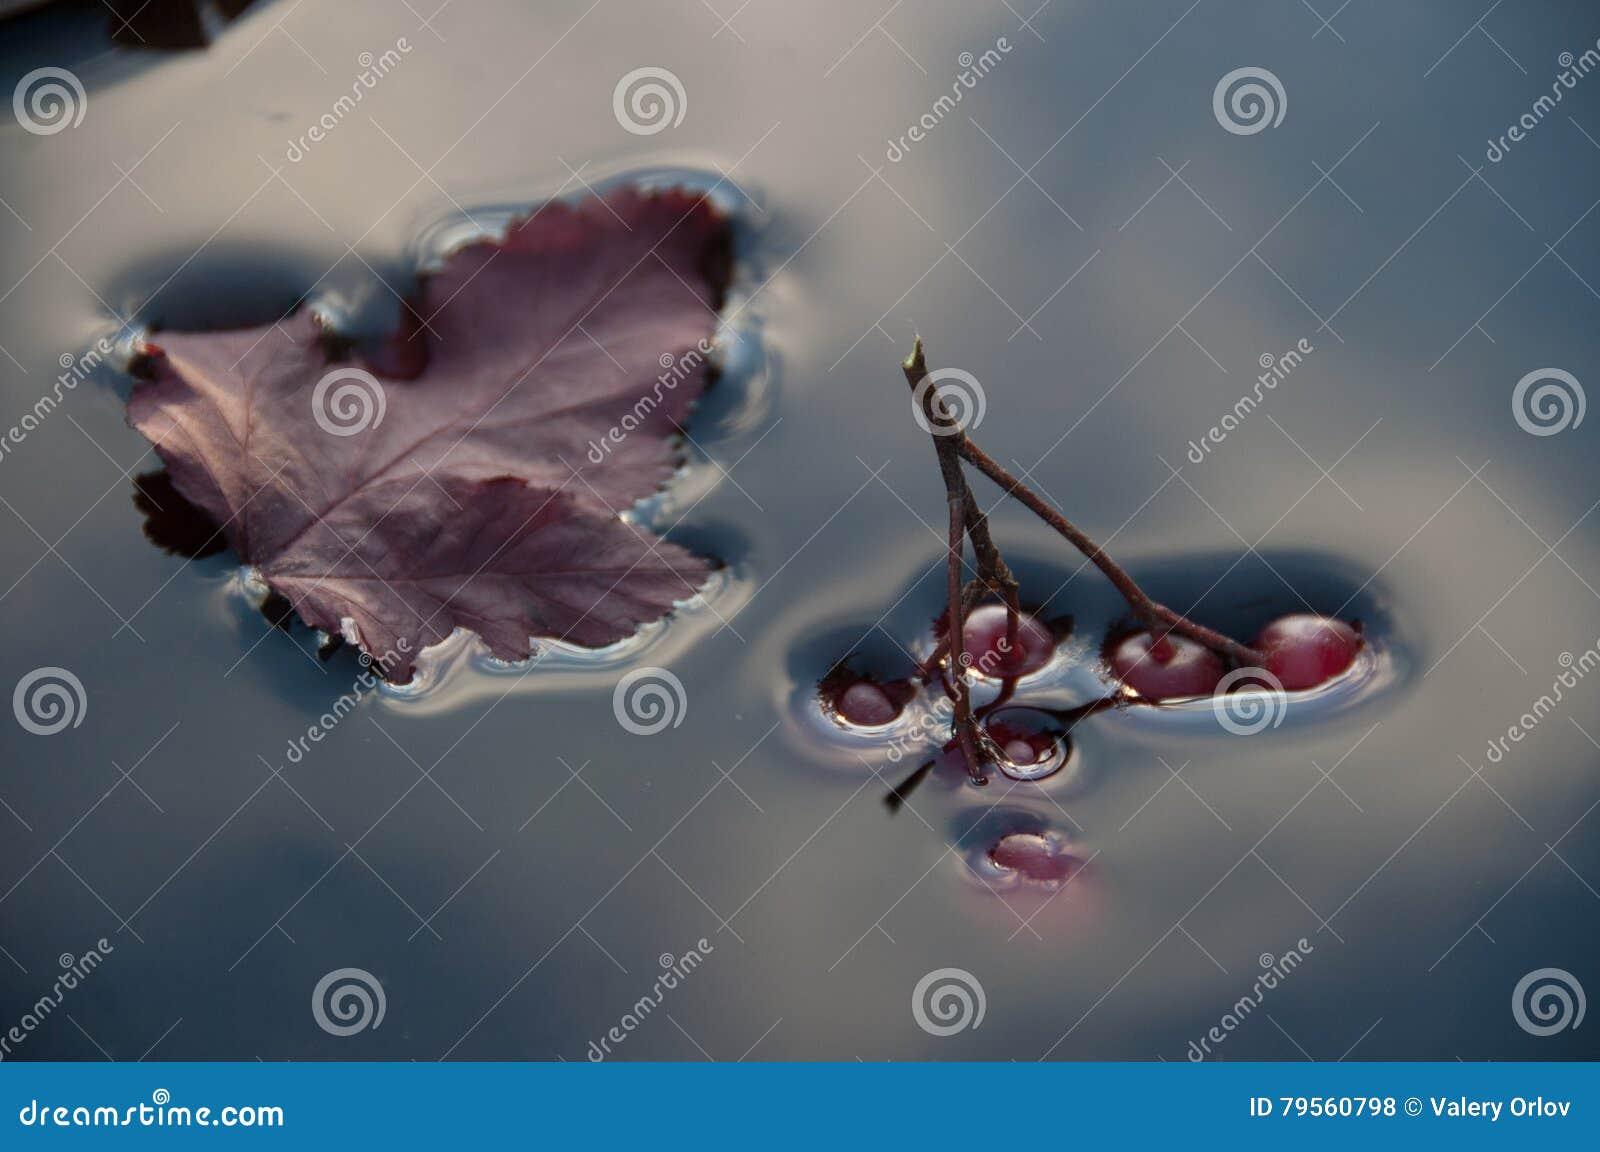 Oberflächenspannung, die Beeren sinken in Wasser